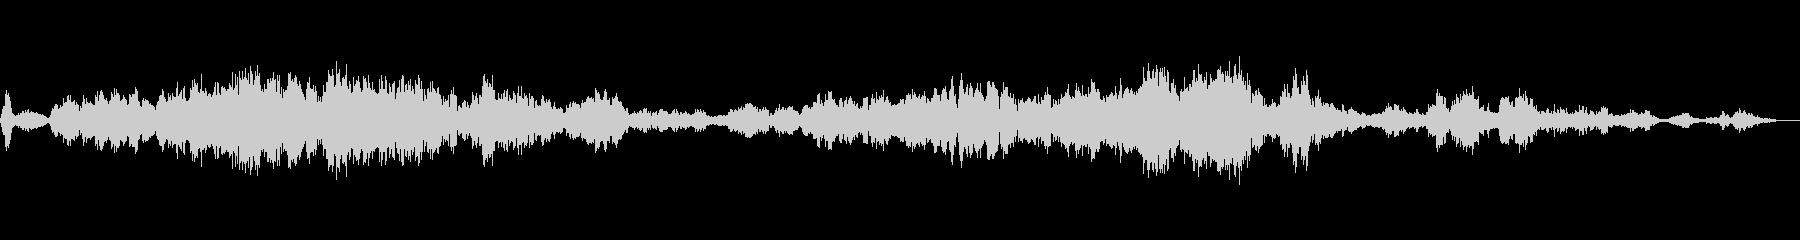 進化するメタリックモーフィングトーンの未再生の波形